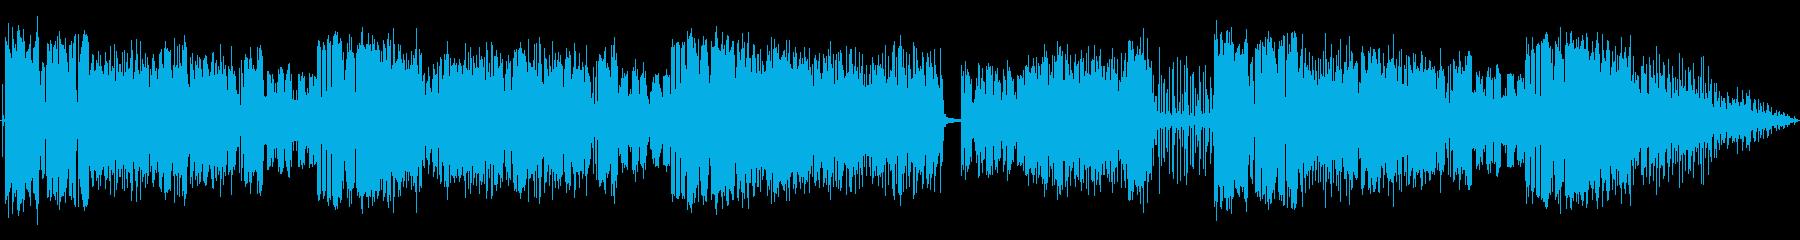 管楽器メインの軽快なジャズの再生済みの波形